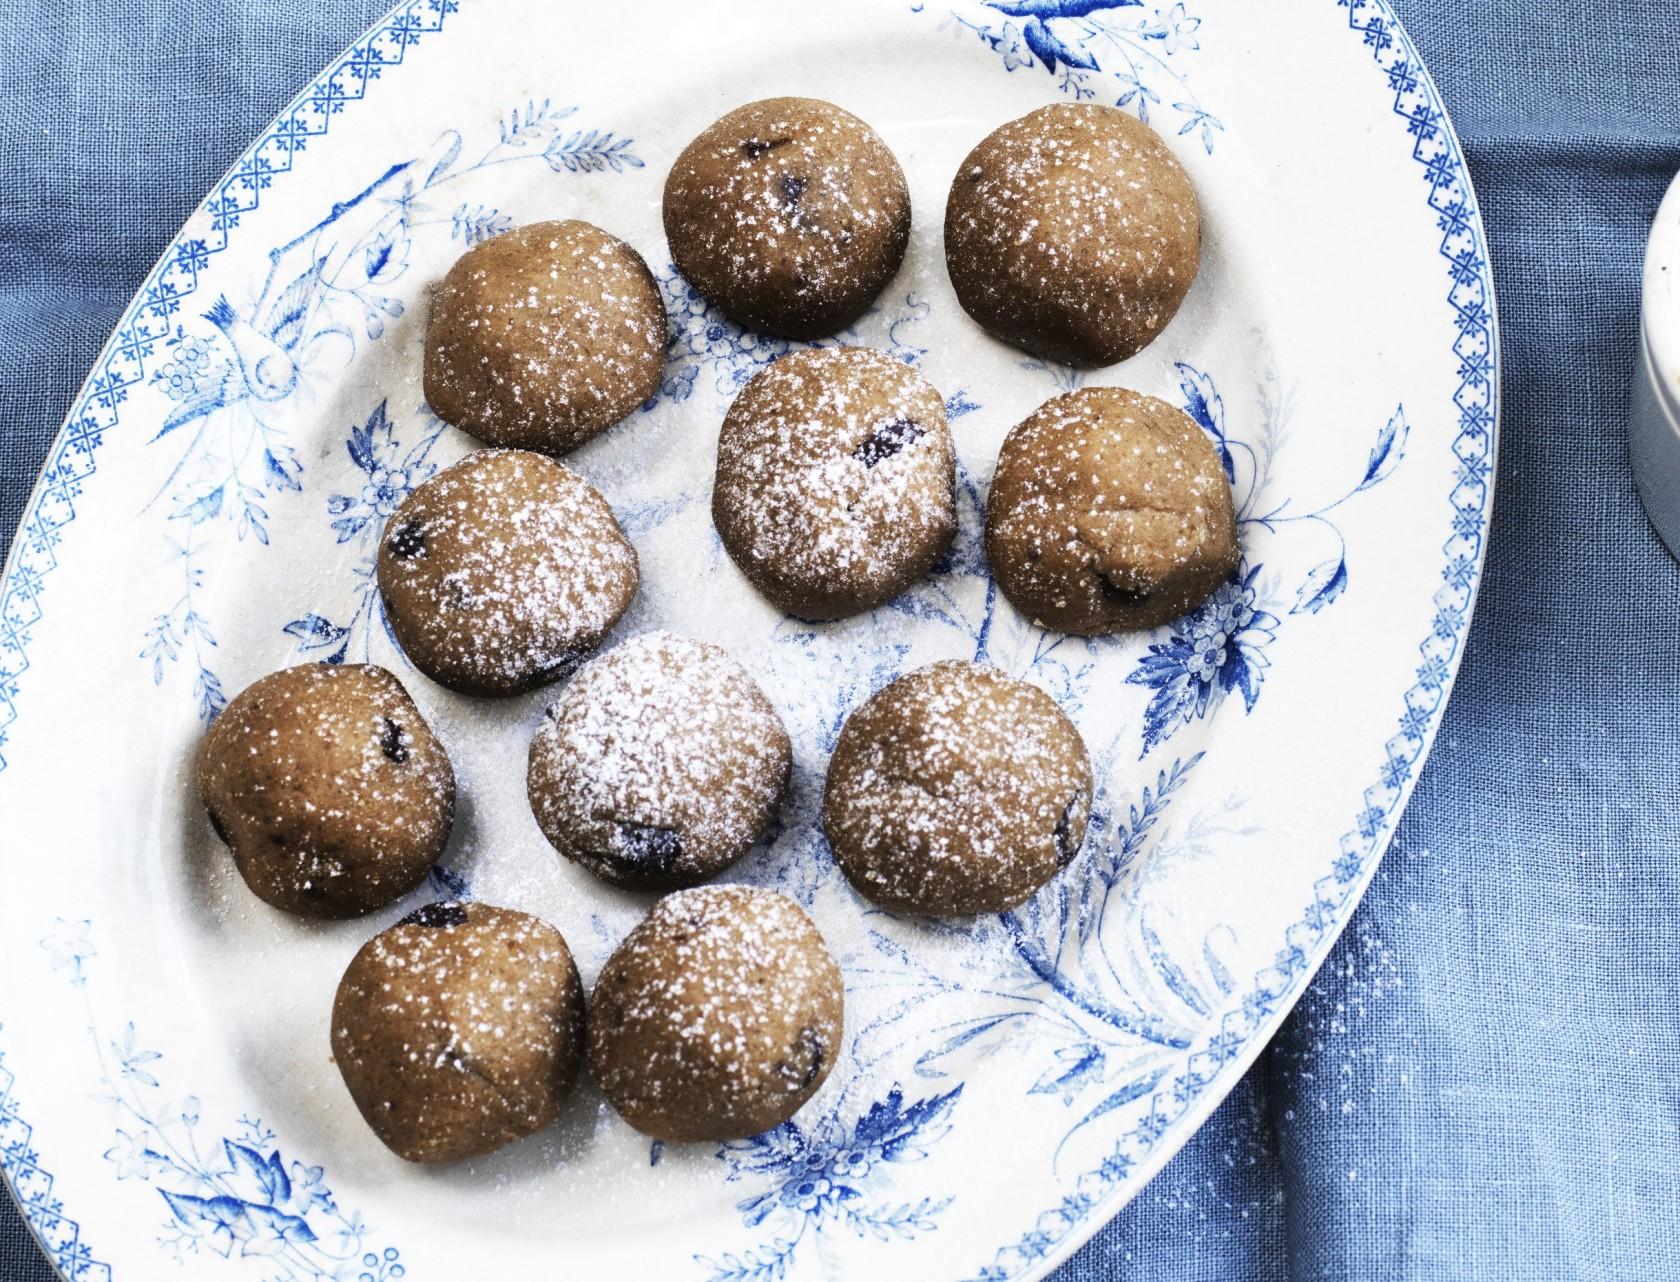 Cookie dough-kugler - nem og lækker opskrift.